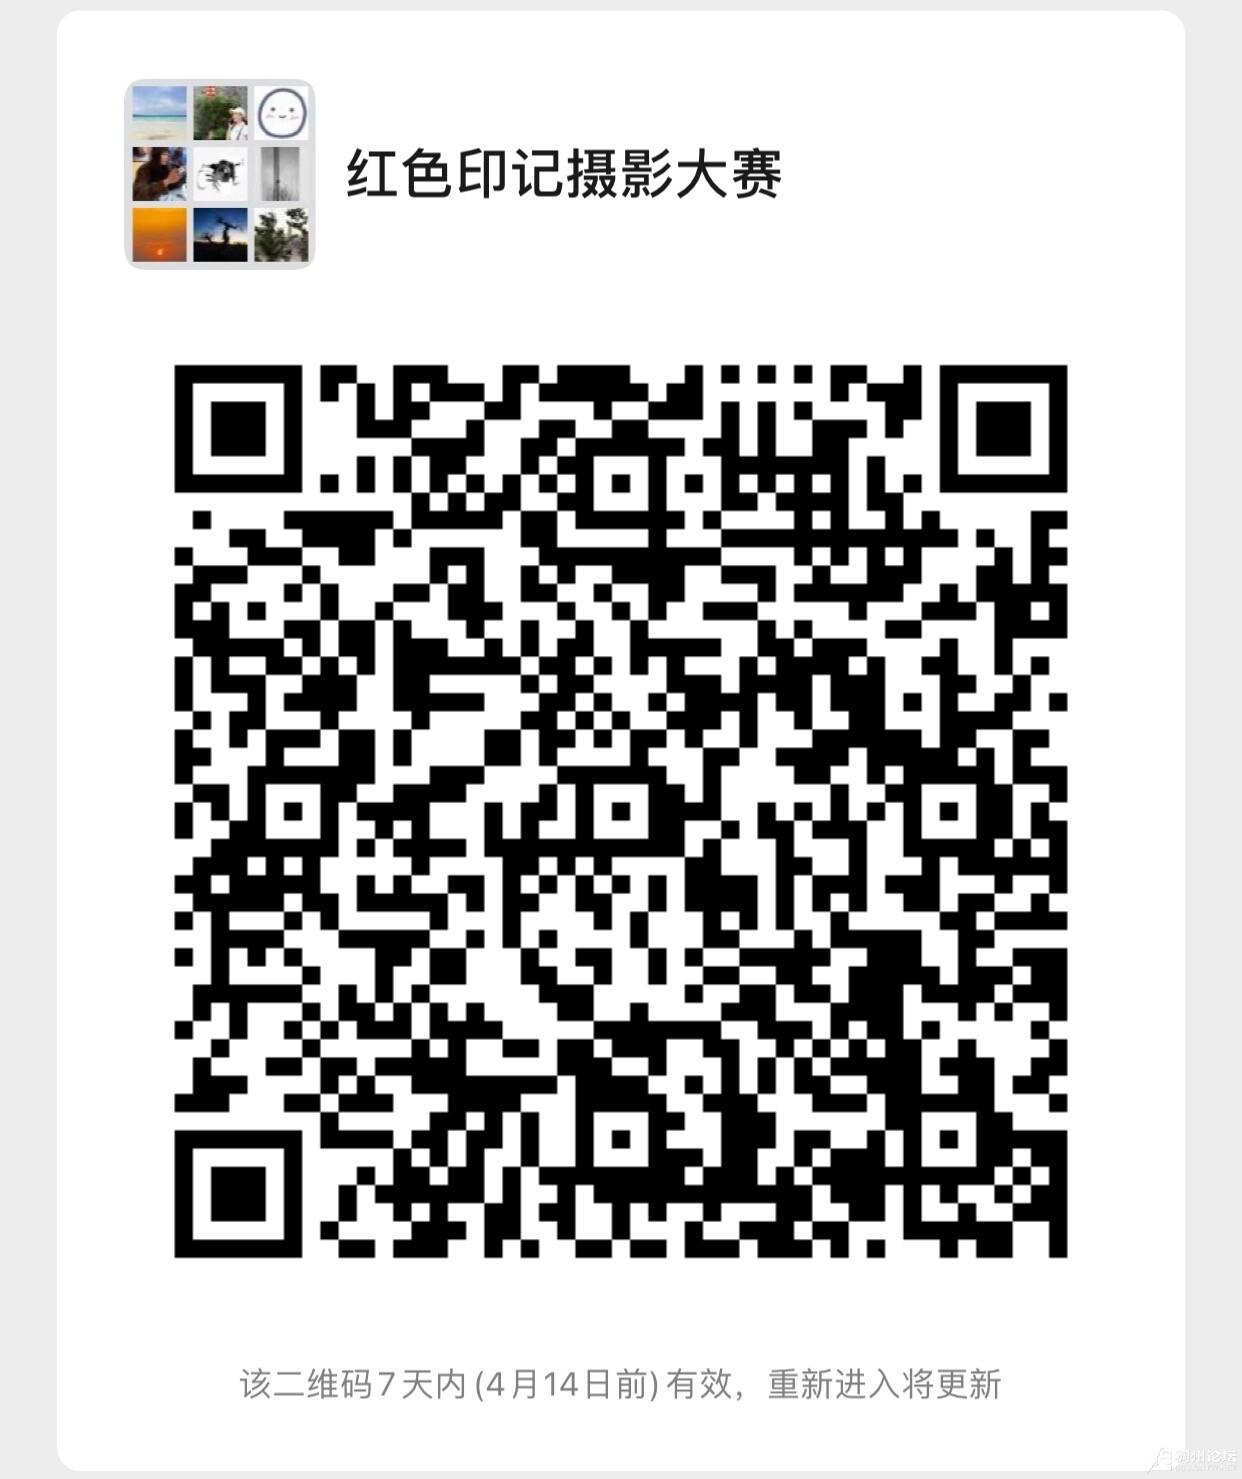 微信图片_20210407142848.jpg